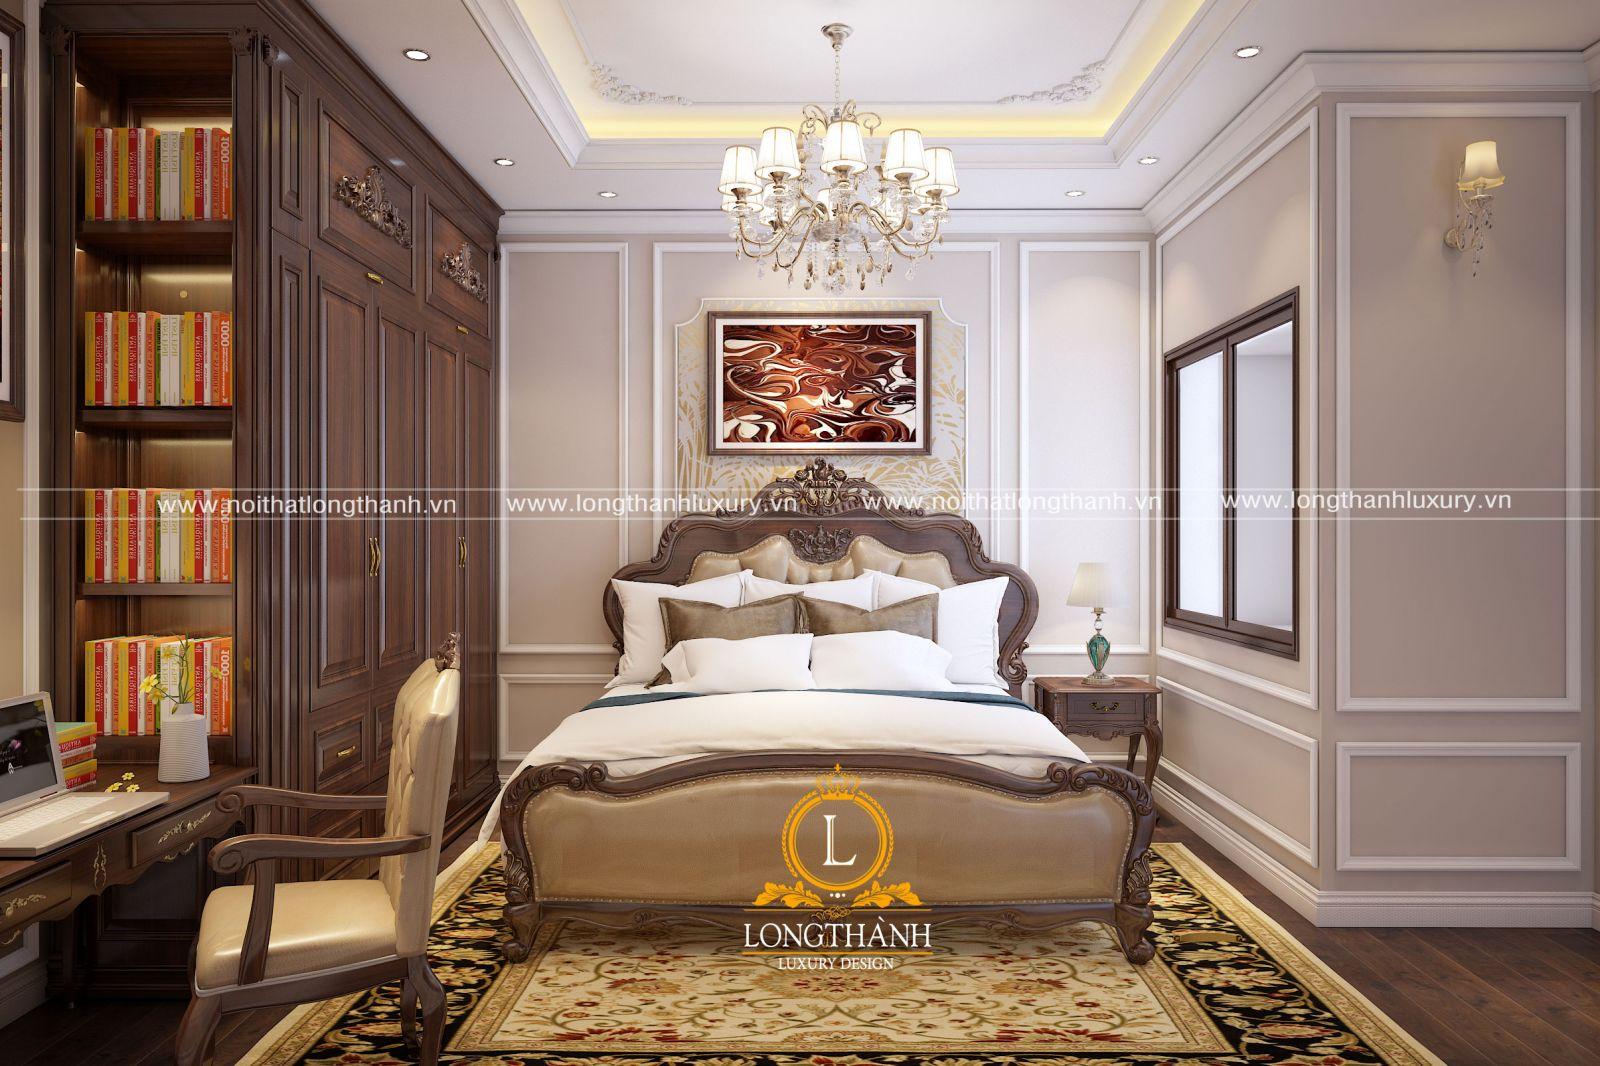 Mẫu nội thất phòng ngủ cao cấp cho không gian có diện tích nhỏ